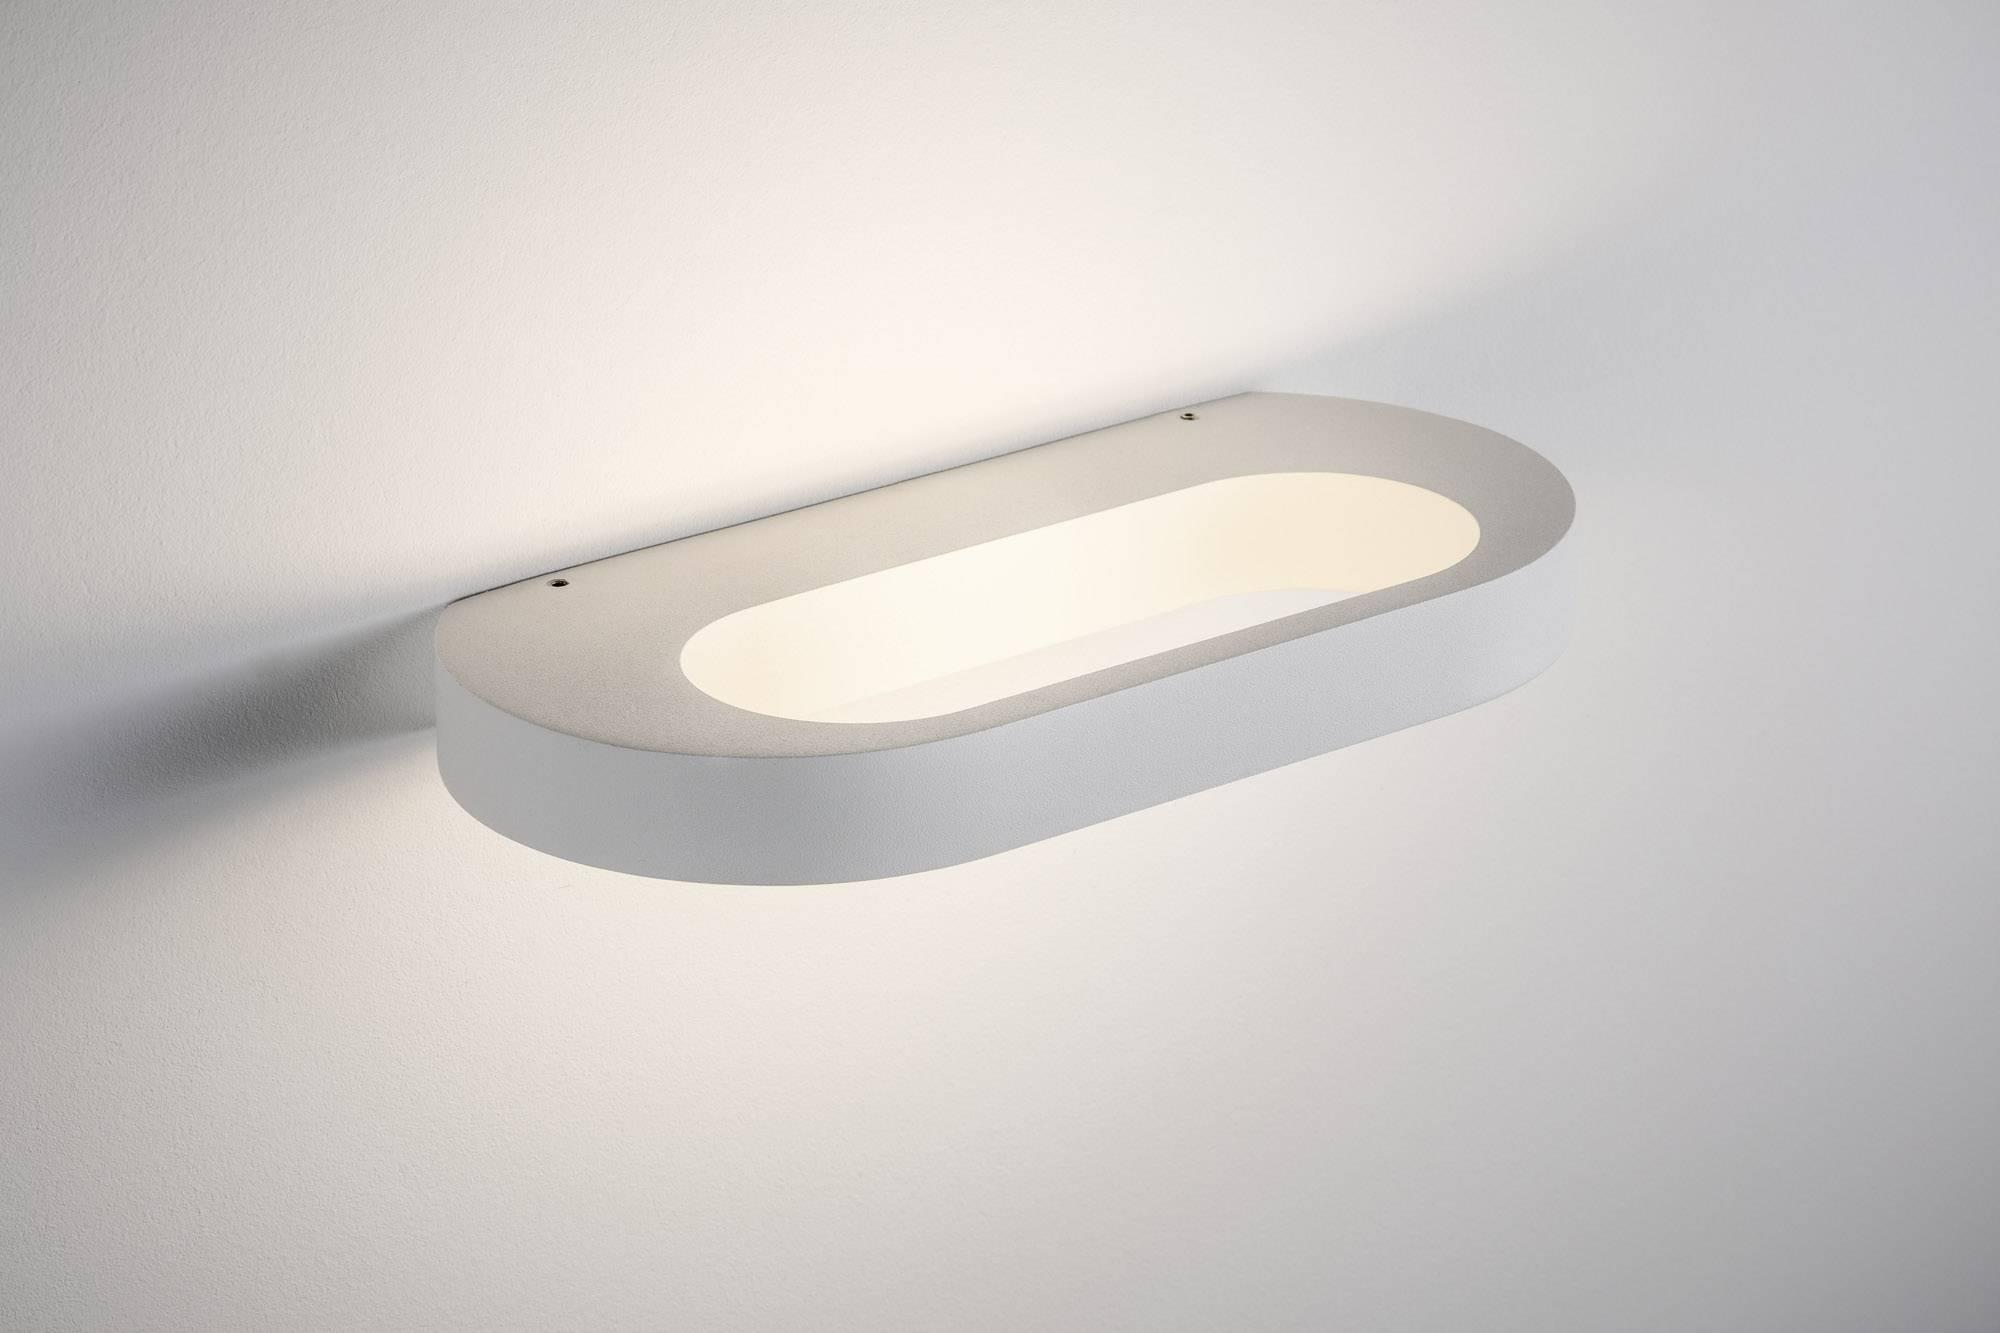 Wandlampen Badkamer: Rvs materiaal led wandlampen badkamer spiegel ...